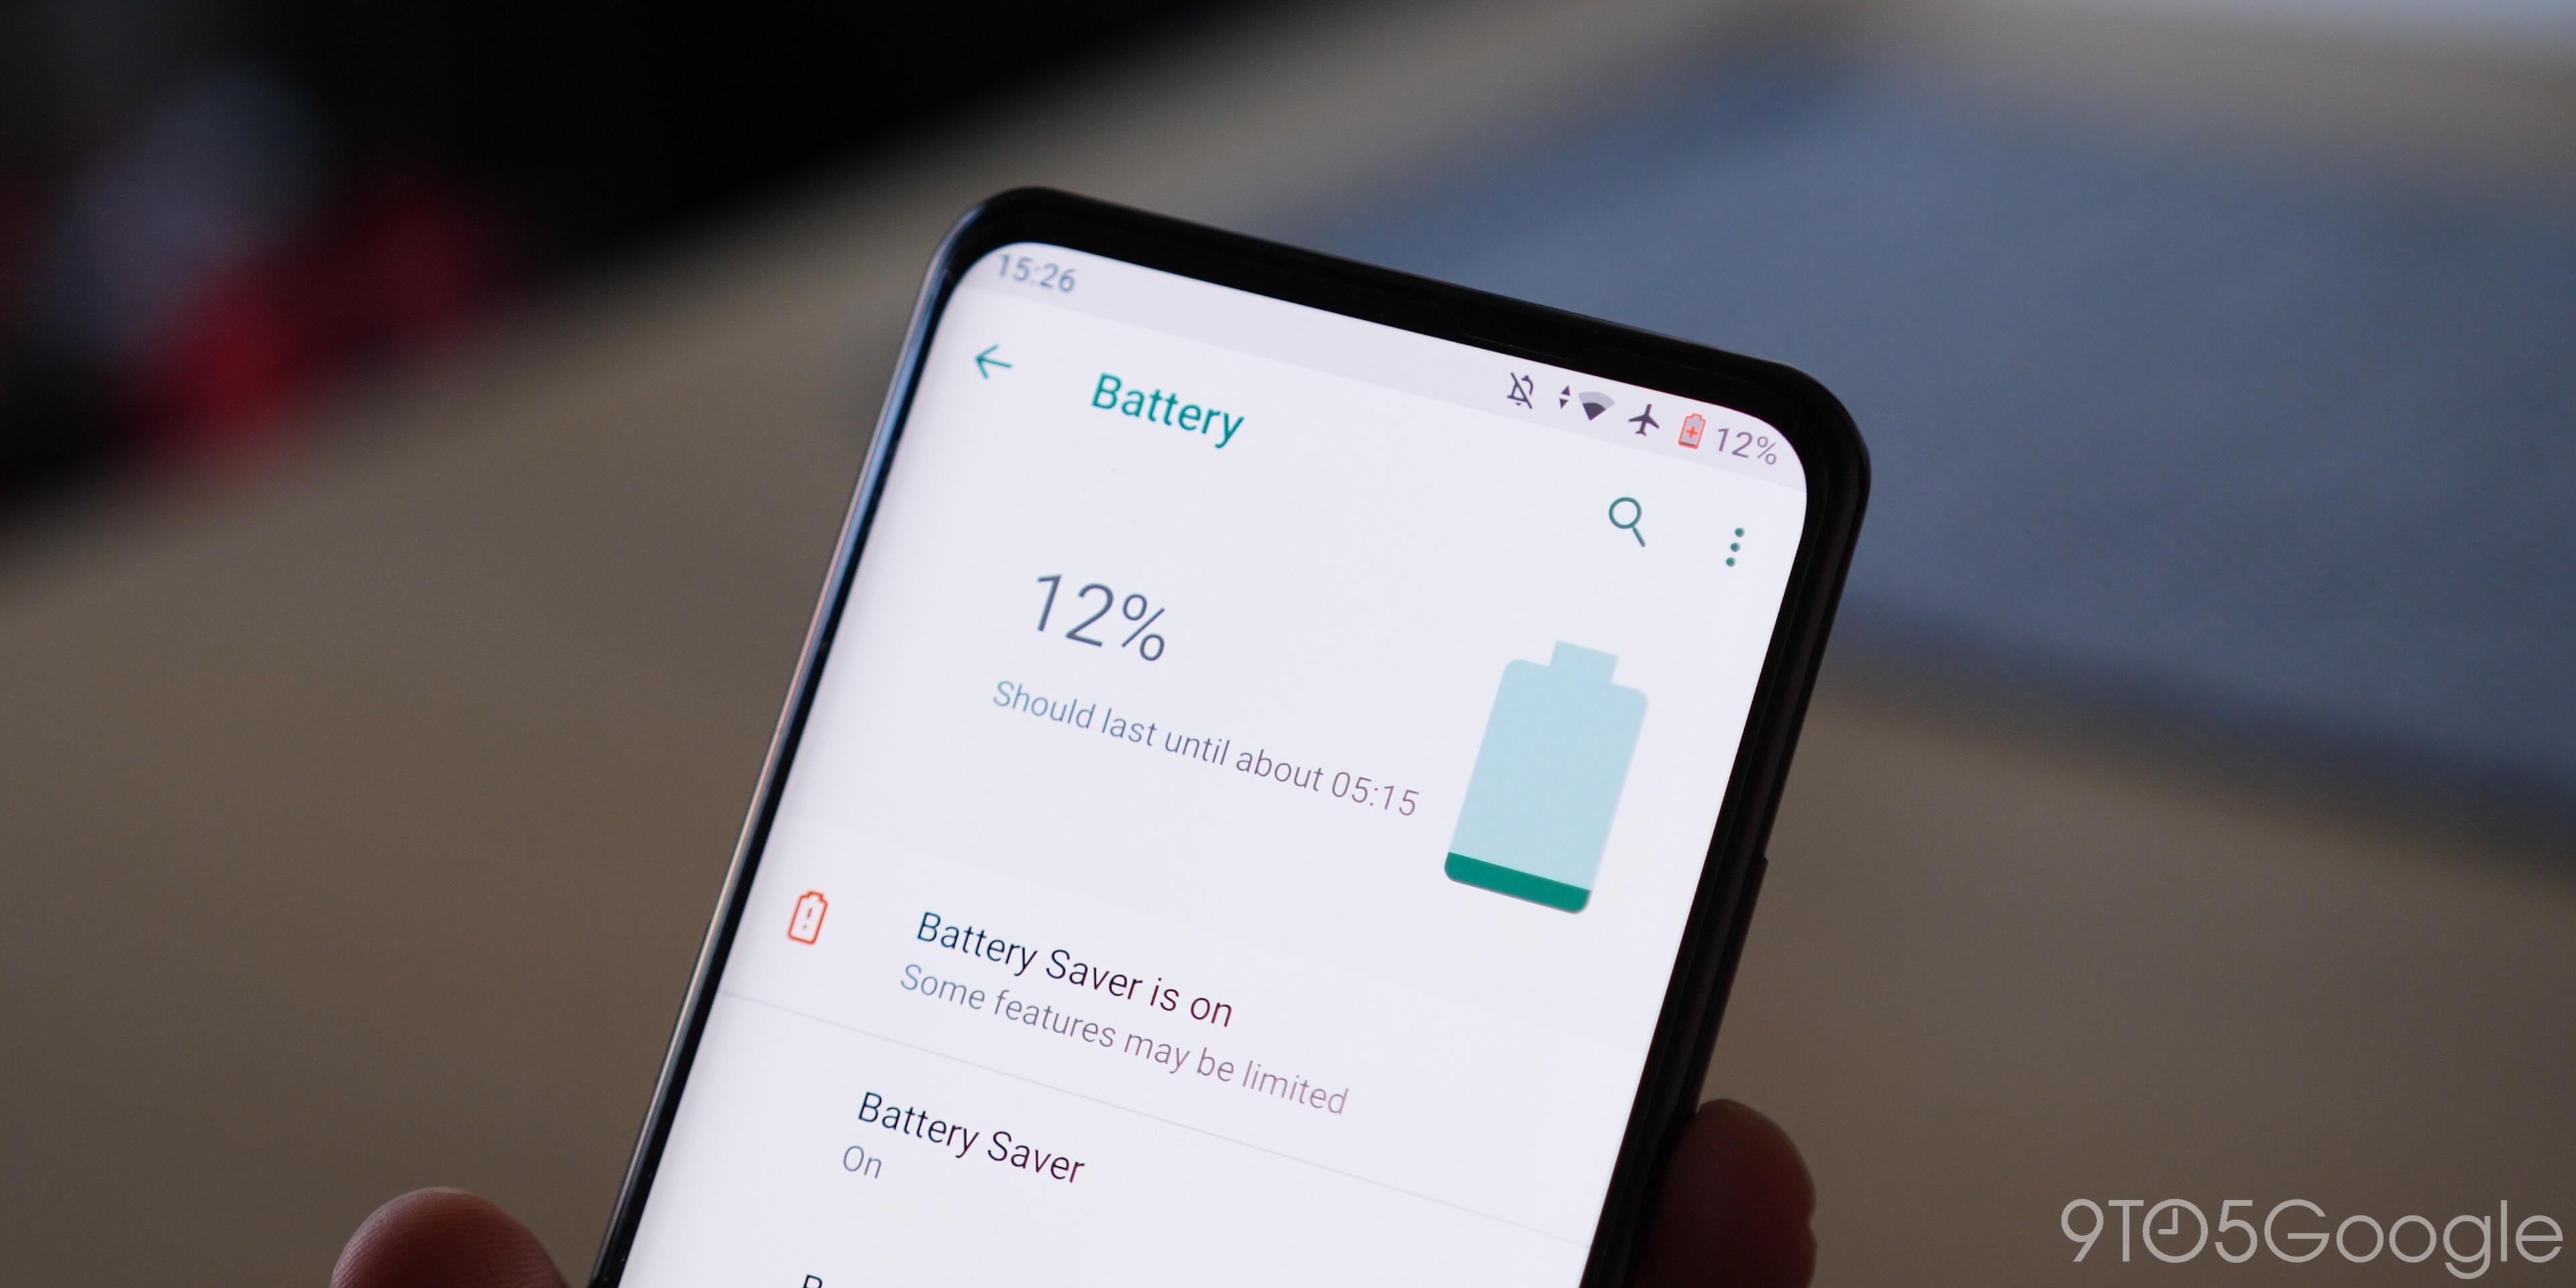 Nubia Z20 battery